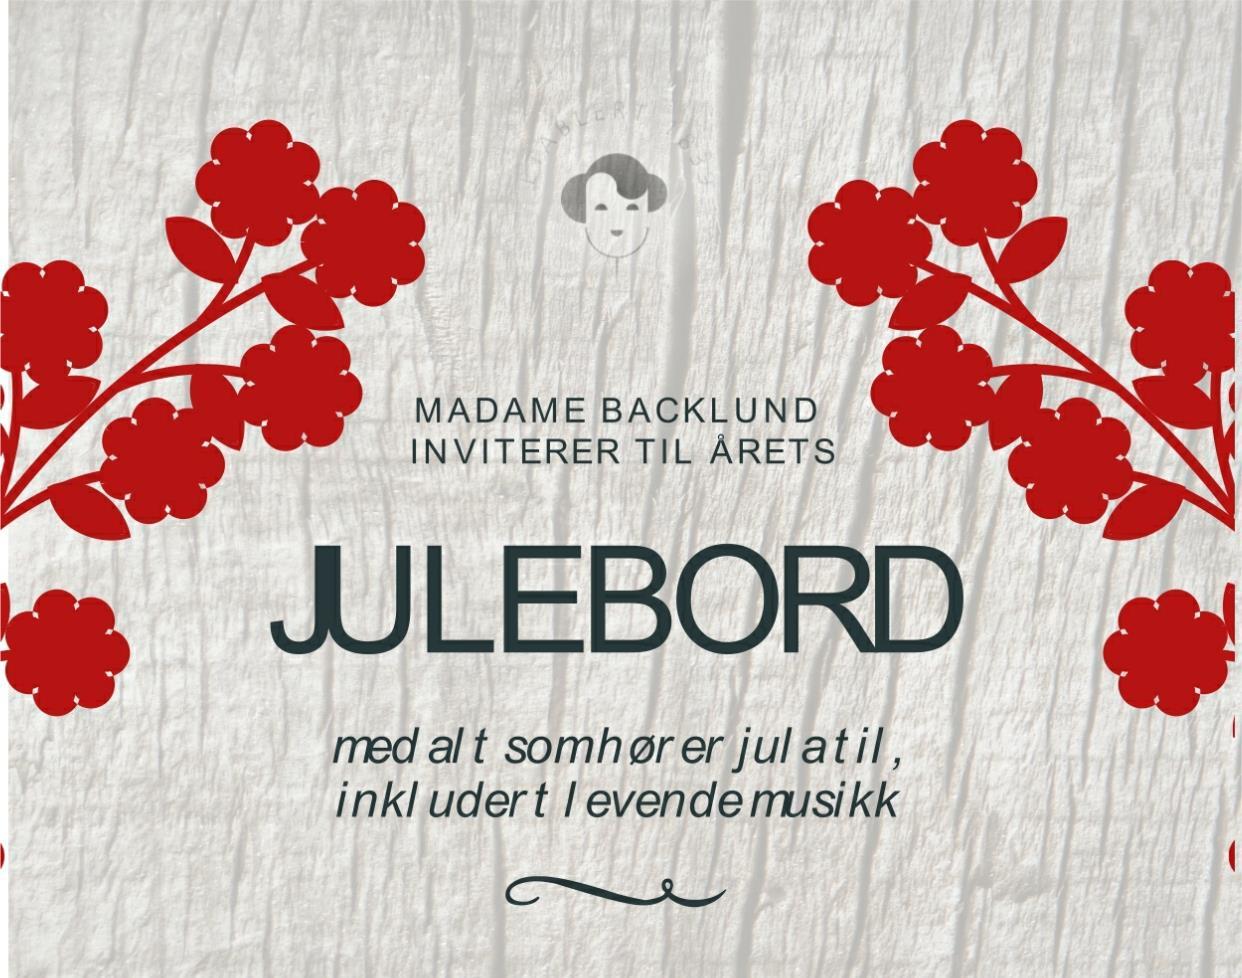 Madame Backlund inviterer til årets julebord